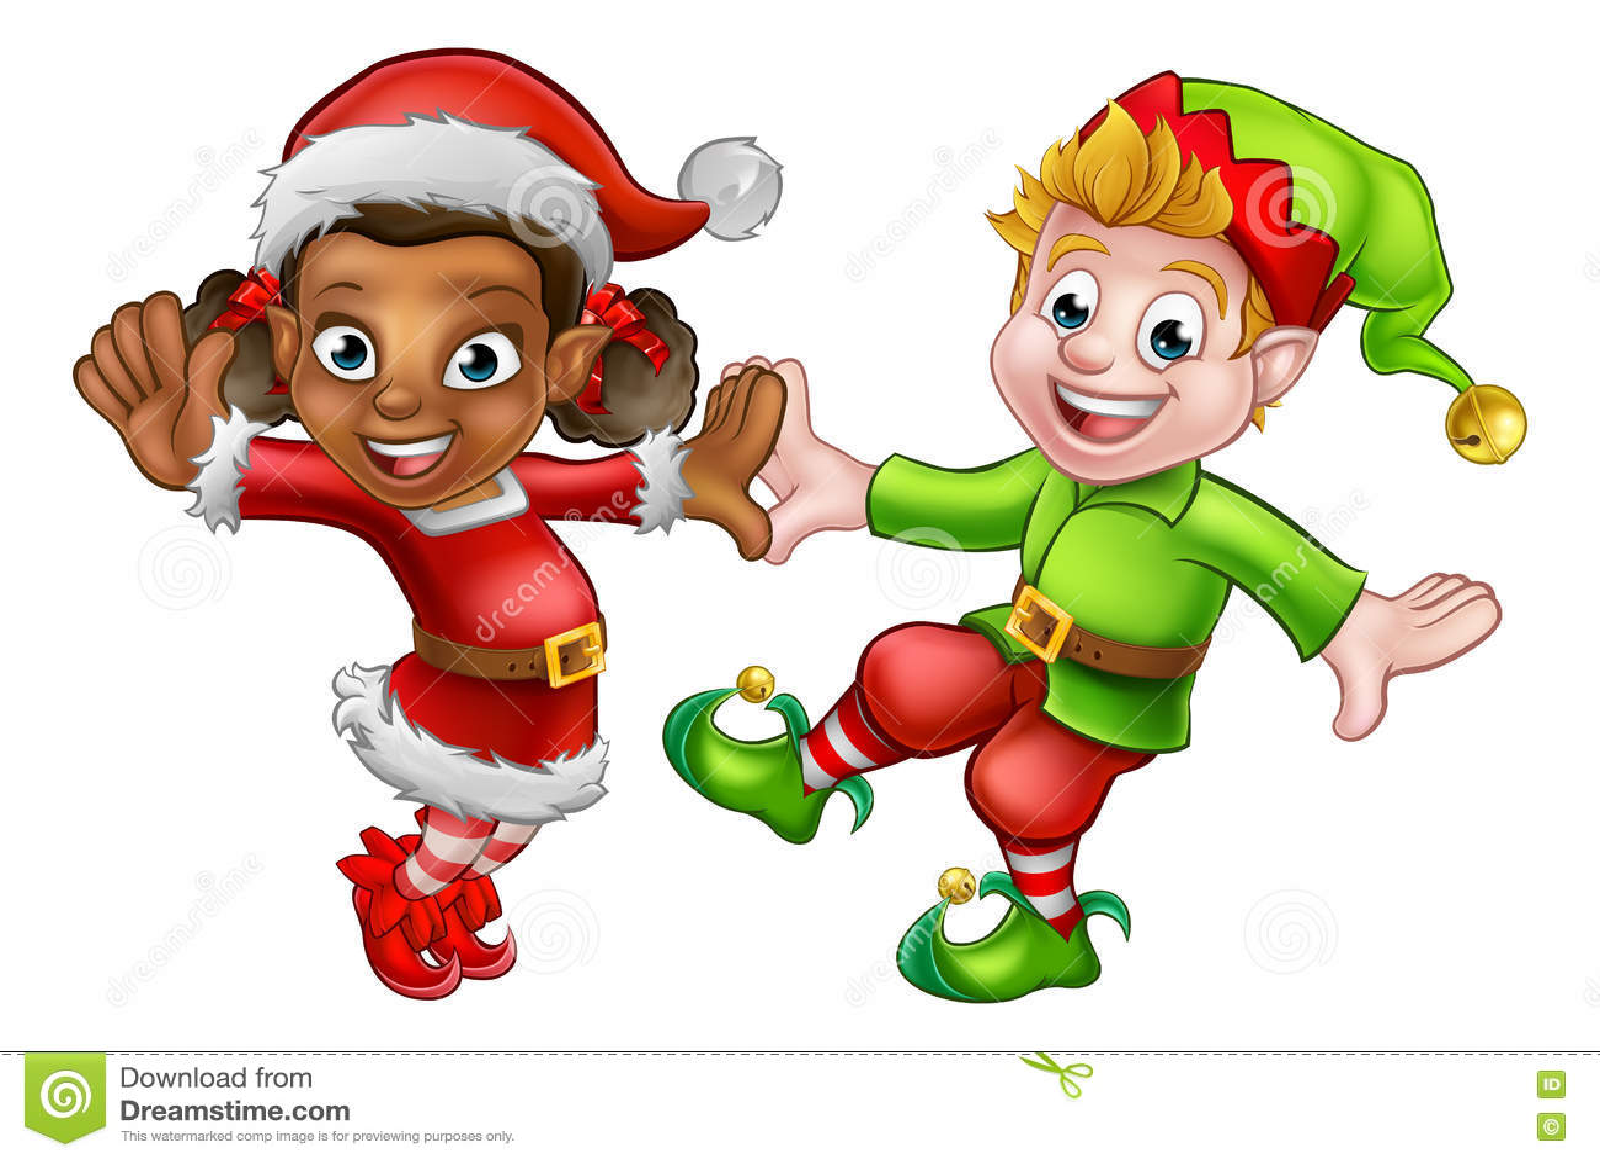 dancing christmas elves stock vector illustration of festive 79512029